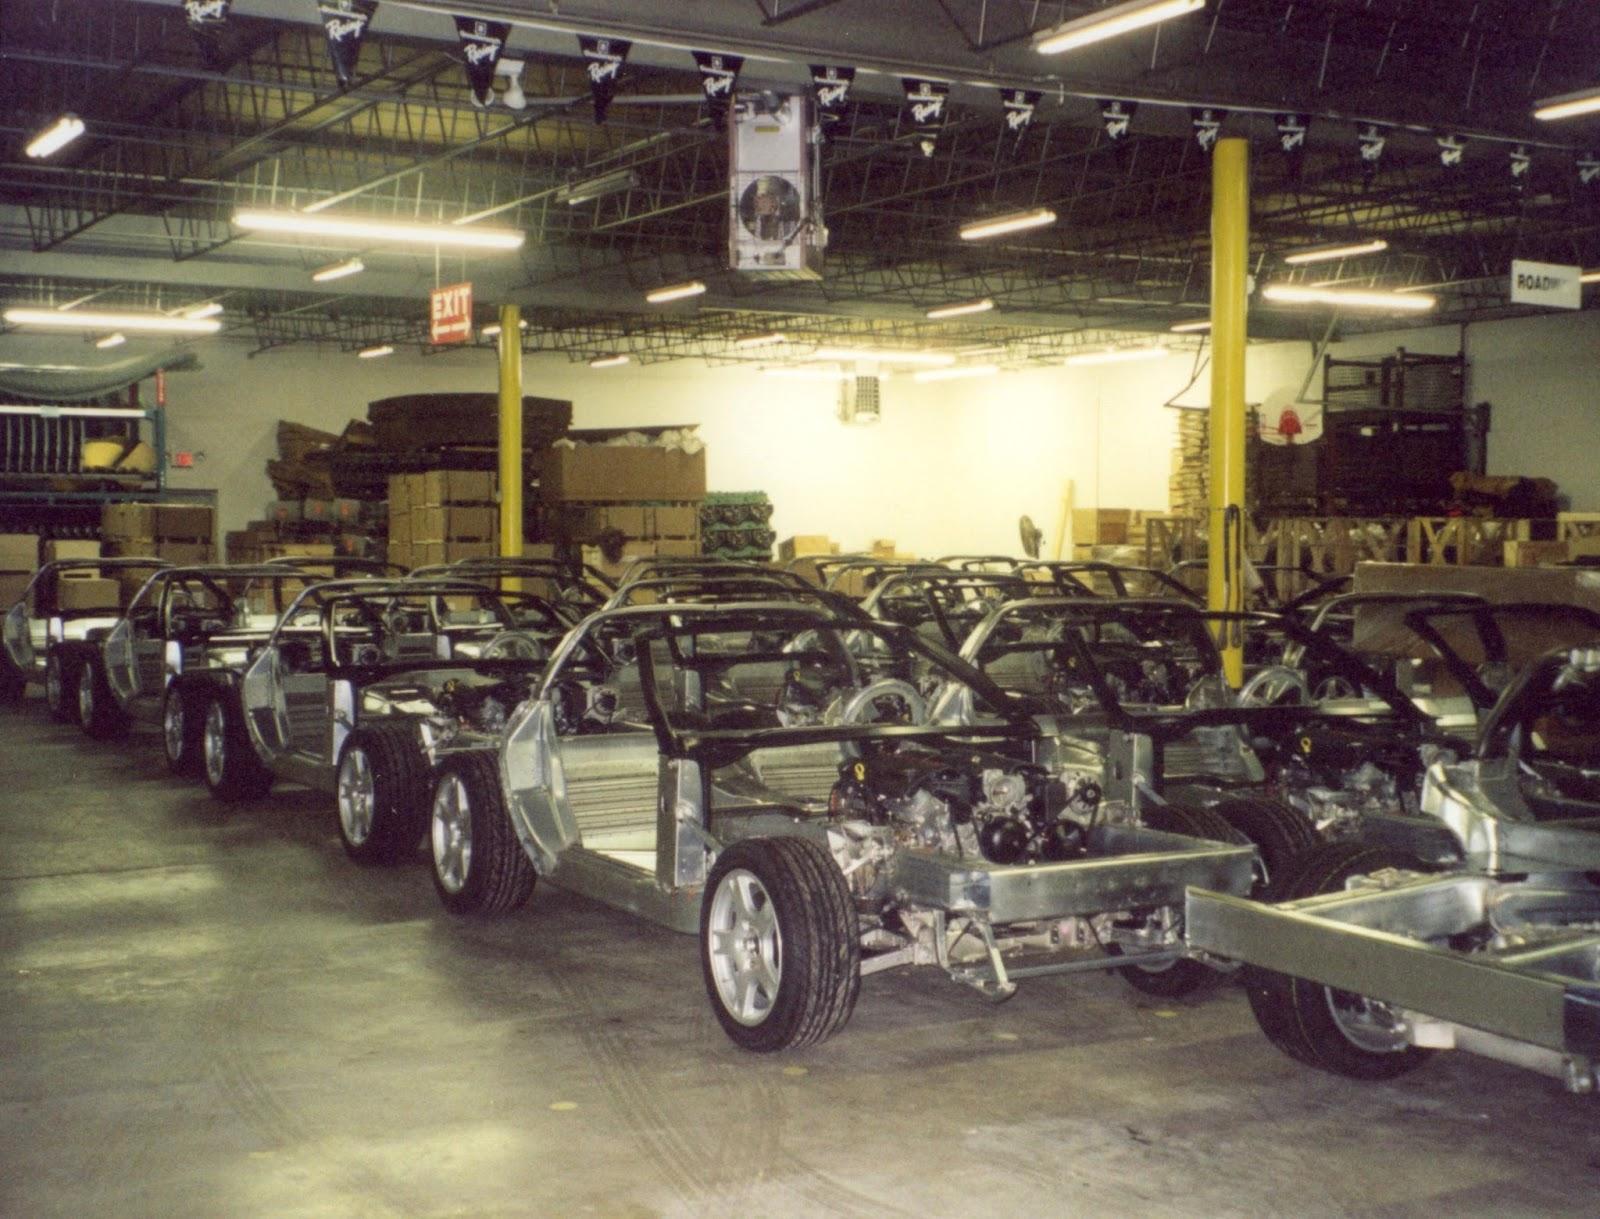 The C5 Corvette Kit